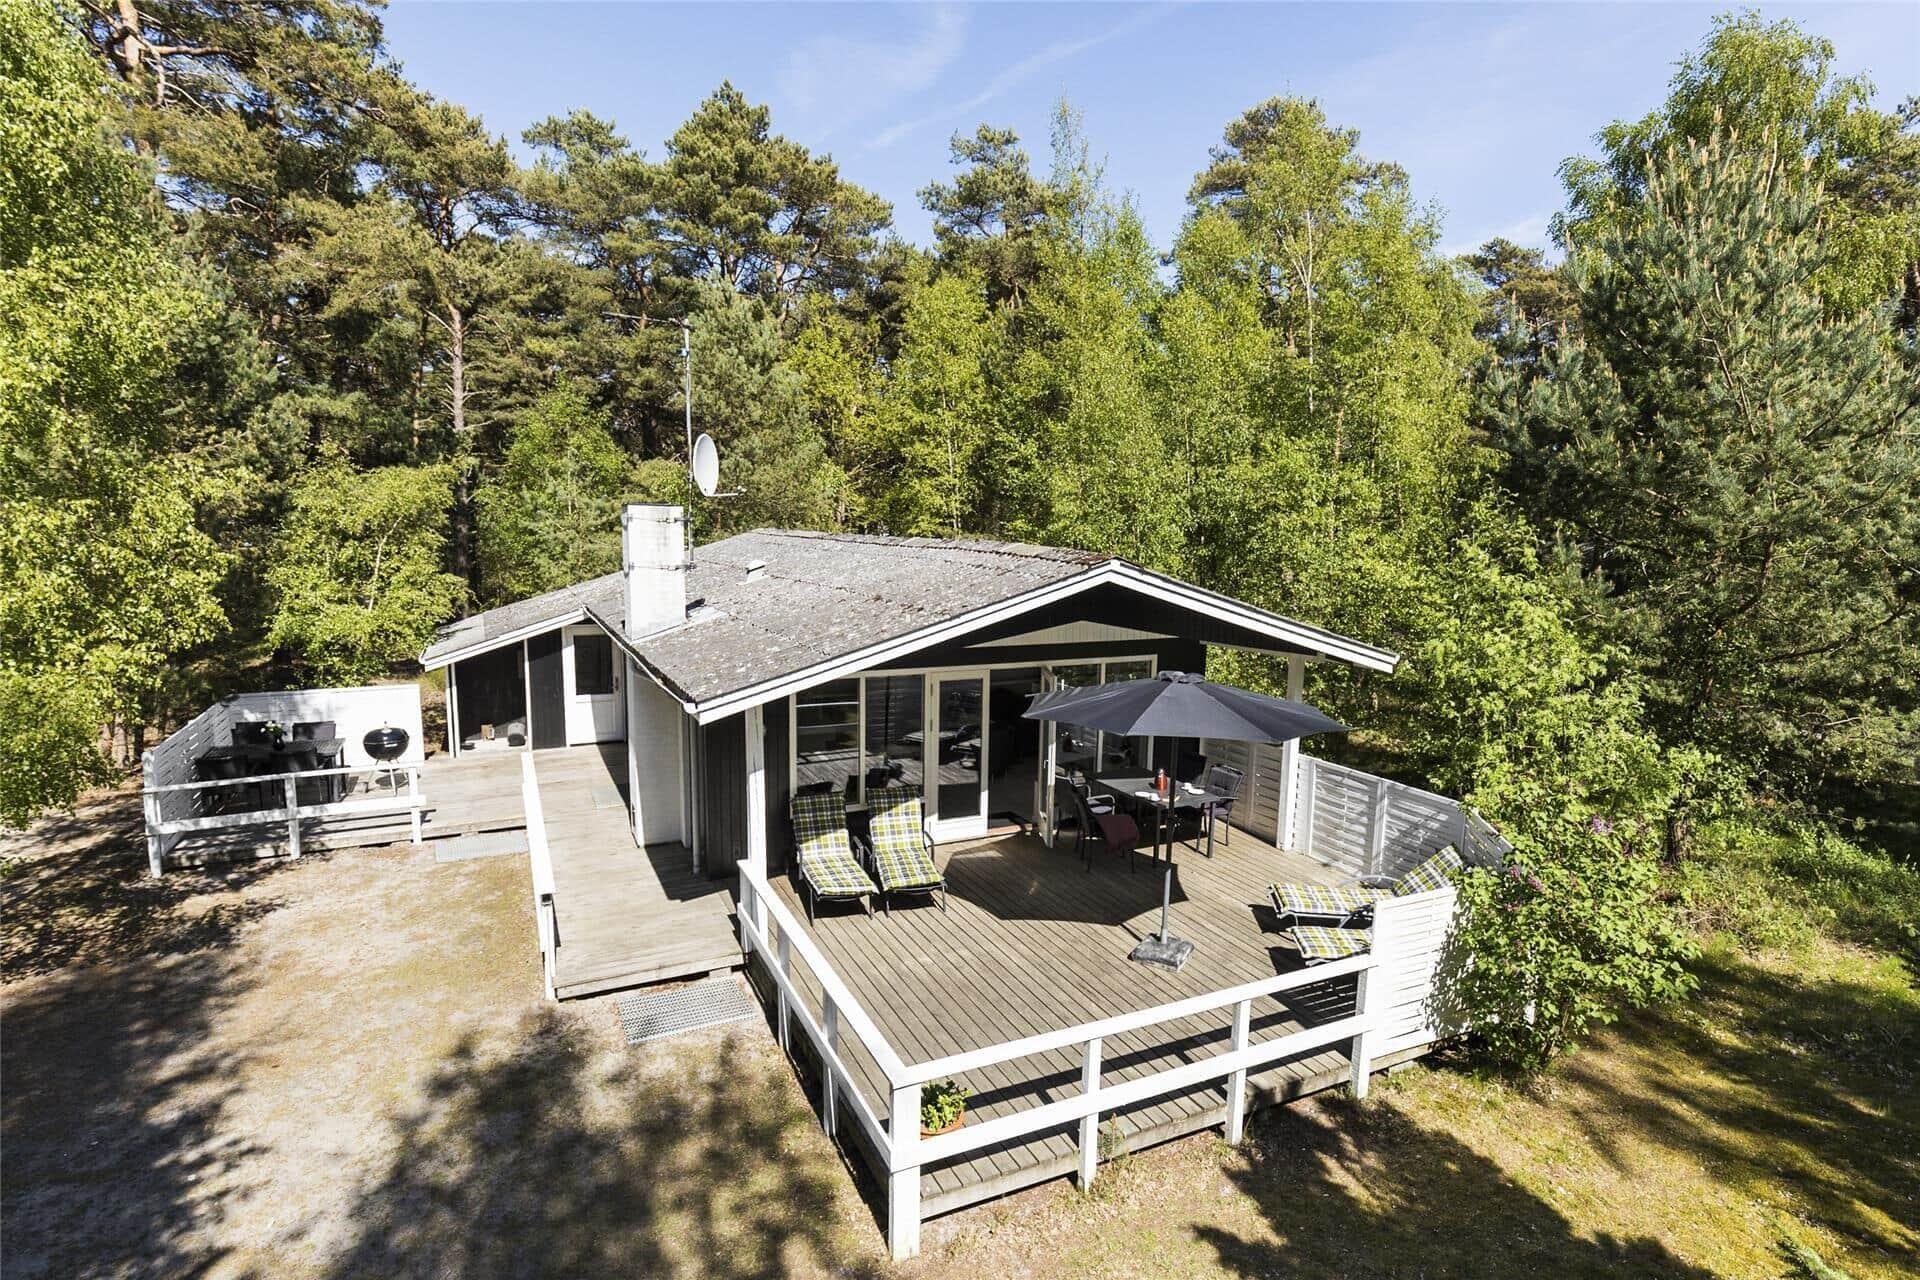 Billede 1-10 Sommerhus 2683, Sirenevej 1, DK - 3730 Nexø